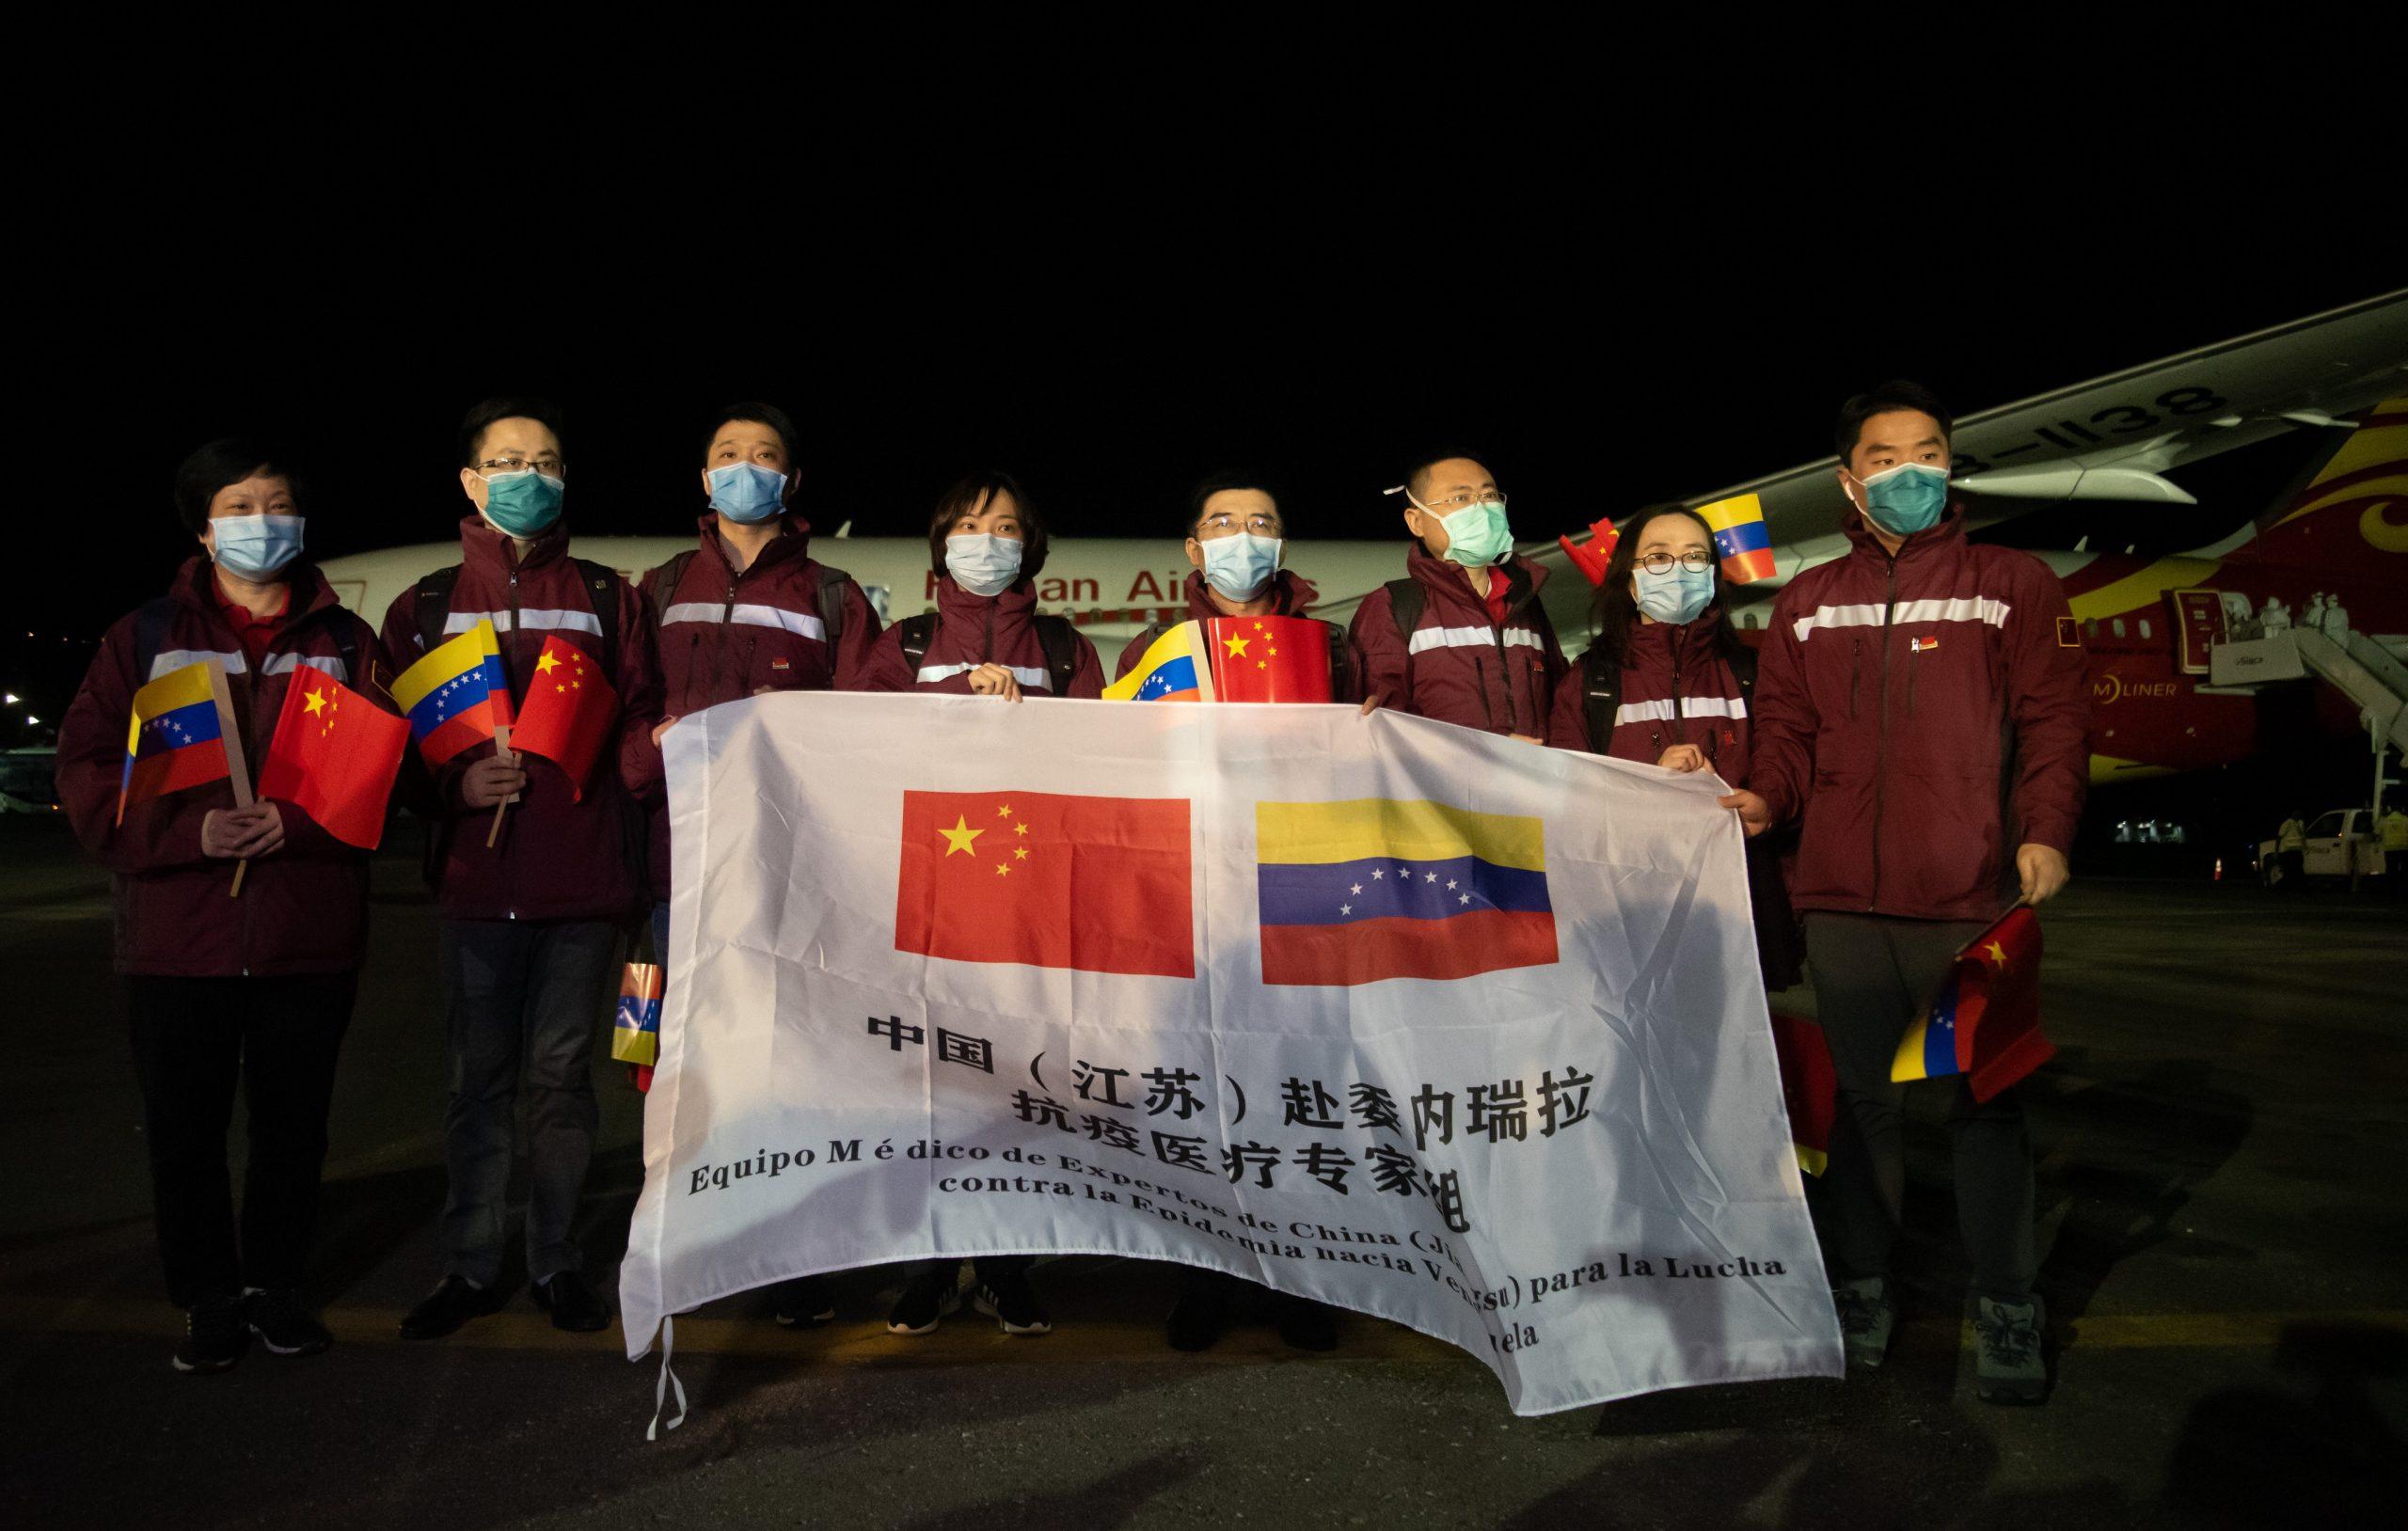 Bien recibida ayuda de expertos médicos chinos en batalla contra COVID-19 en el extranjero